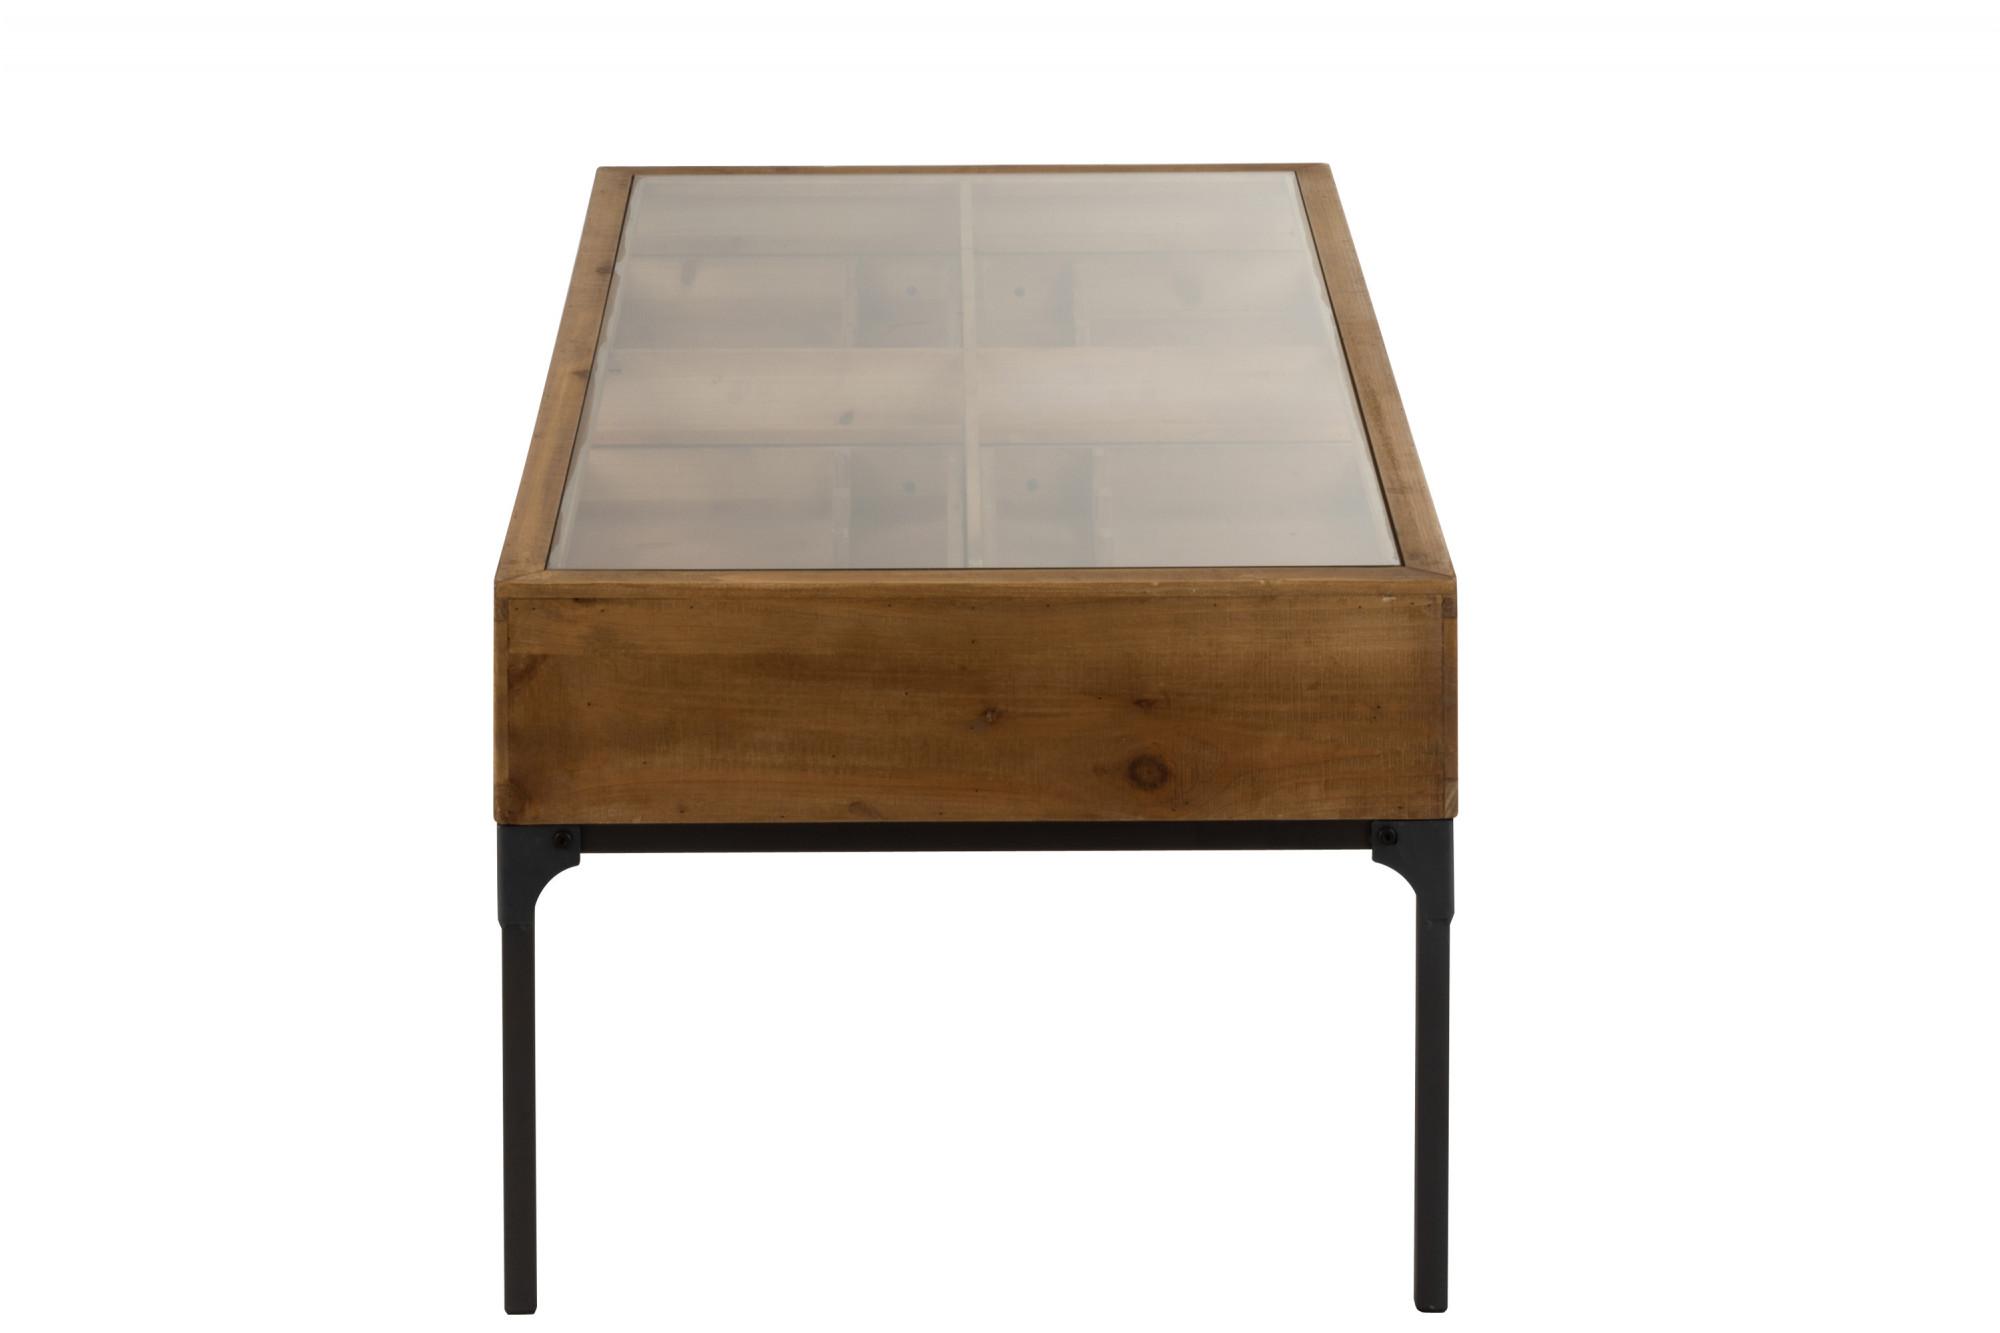 Table Basse Vintage En Bois Et Metal Porte Bouteilles Plateau En Verre Trempe Hellin